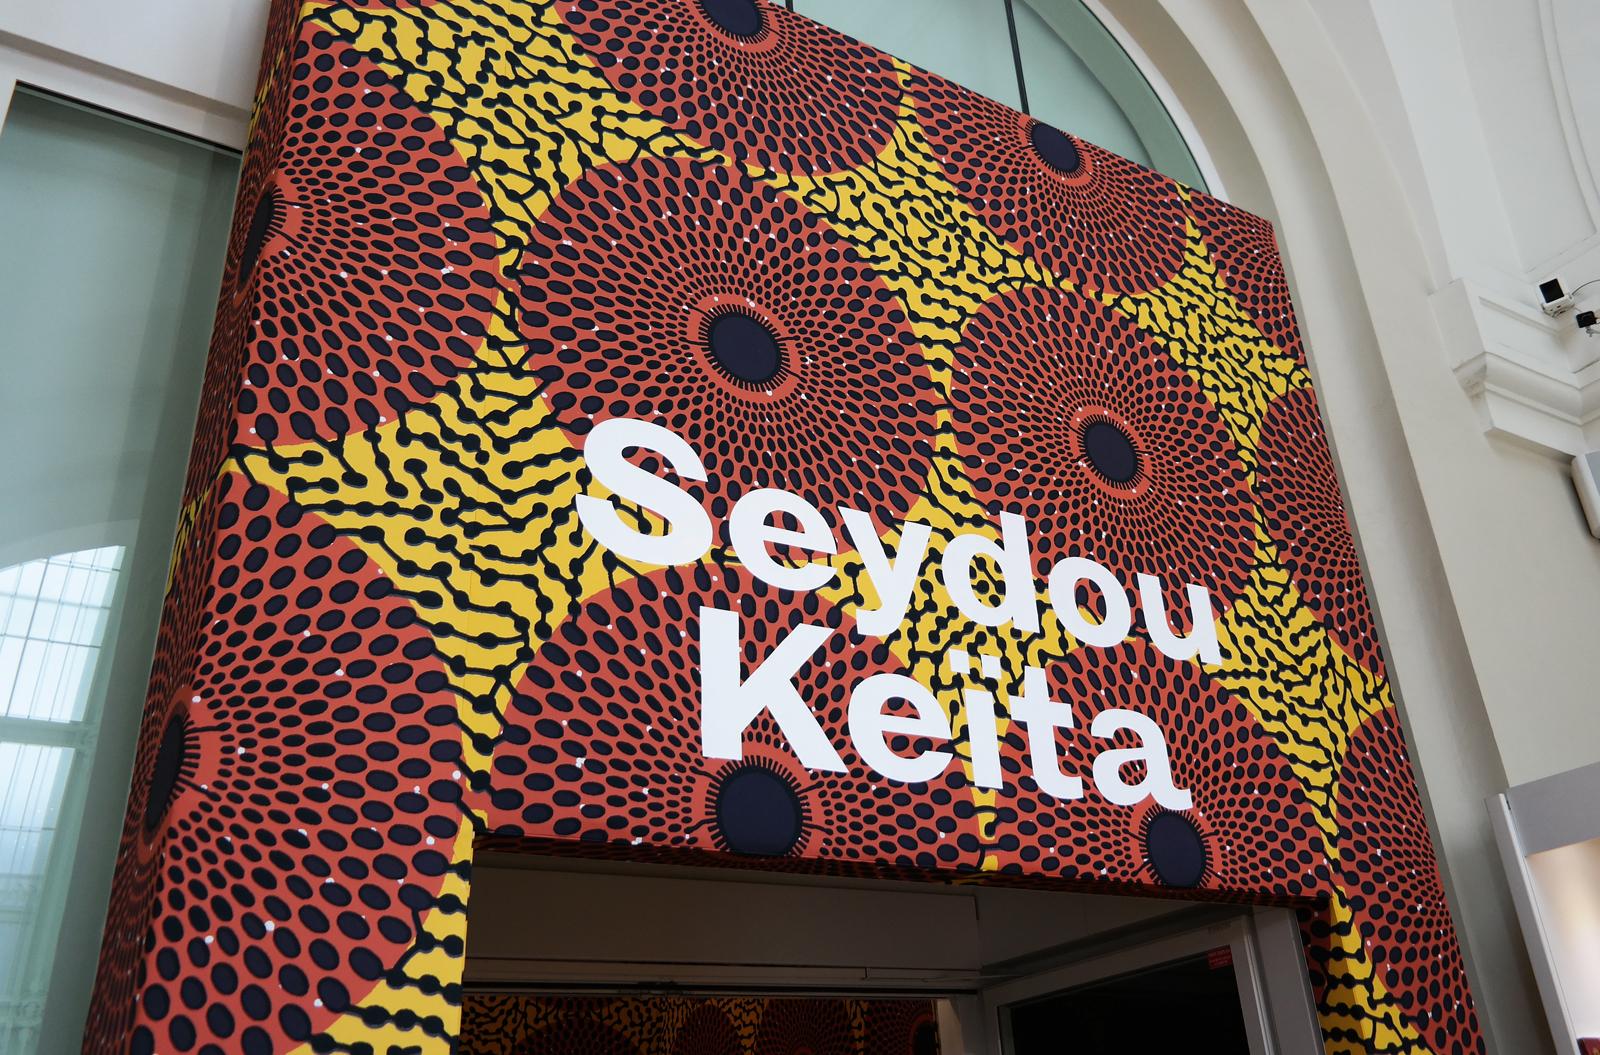 Seydou Keïta au Grand Palais : gagnez vos places pour cette expo